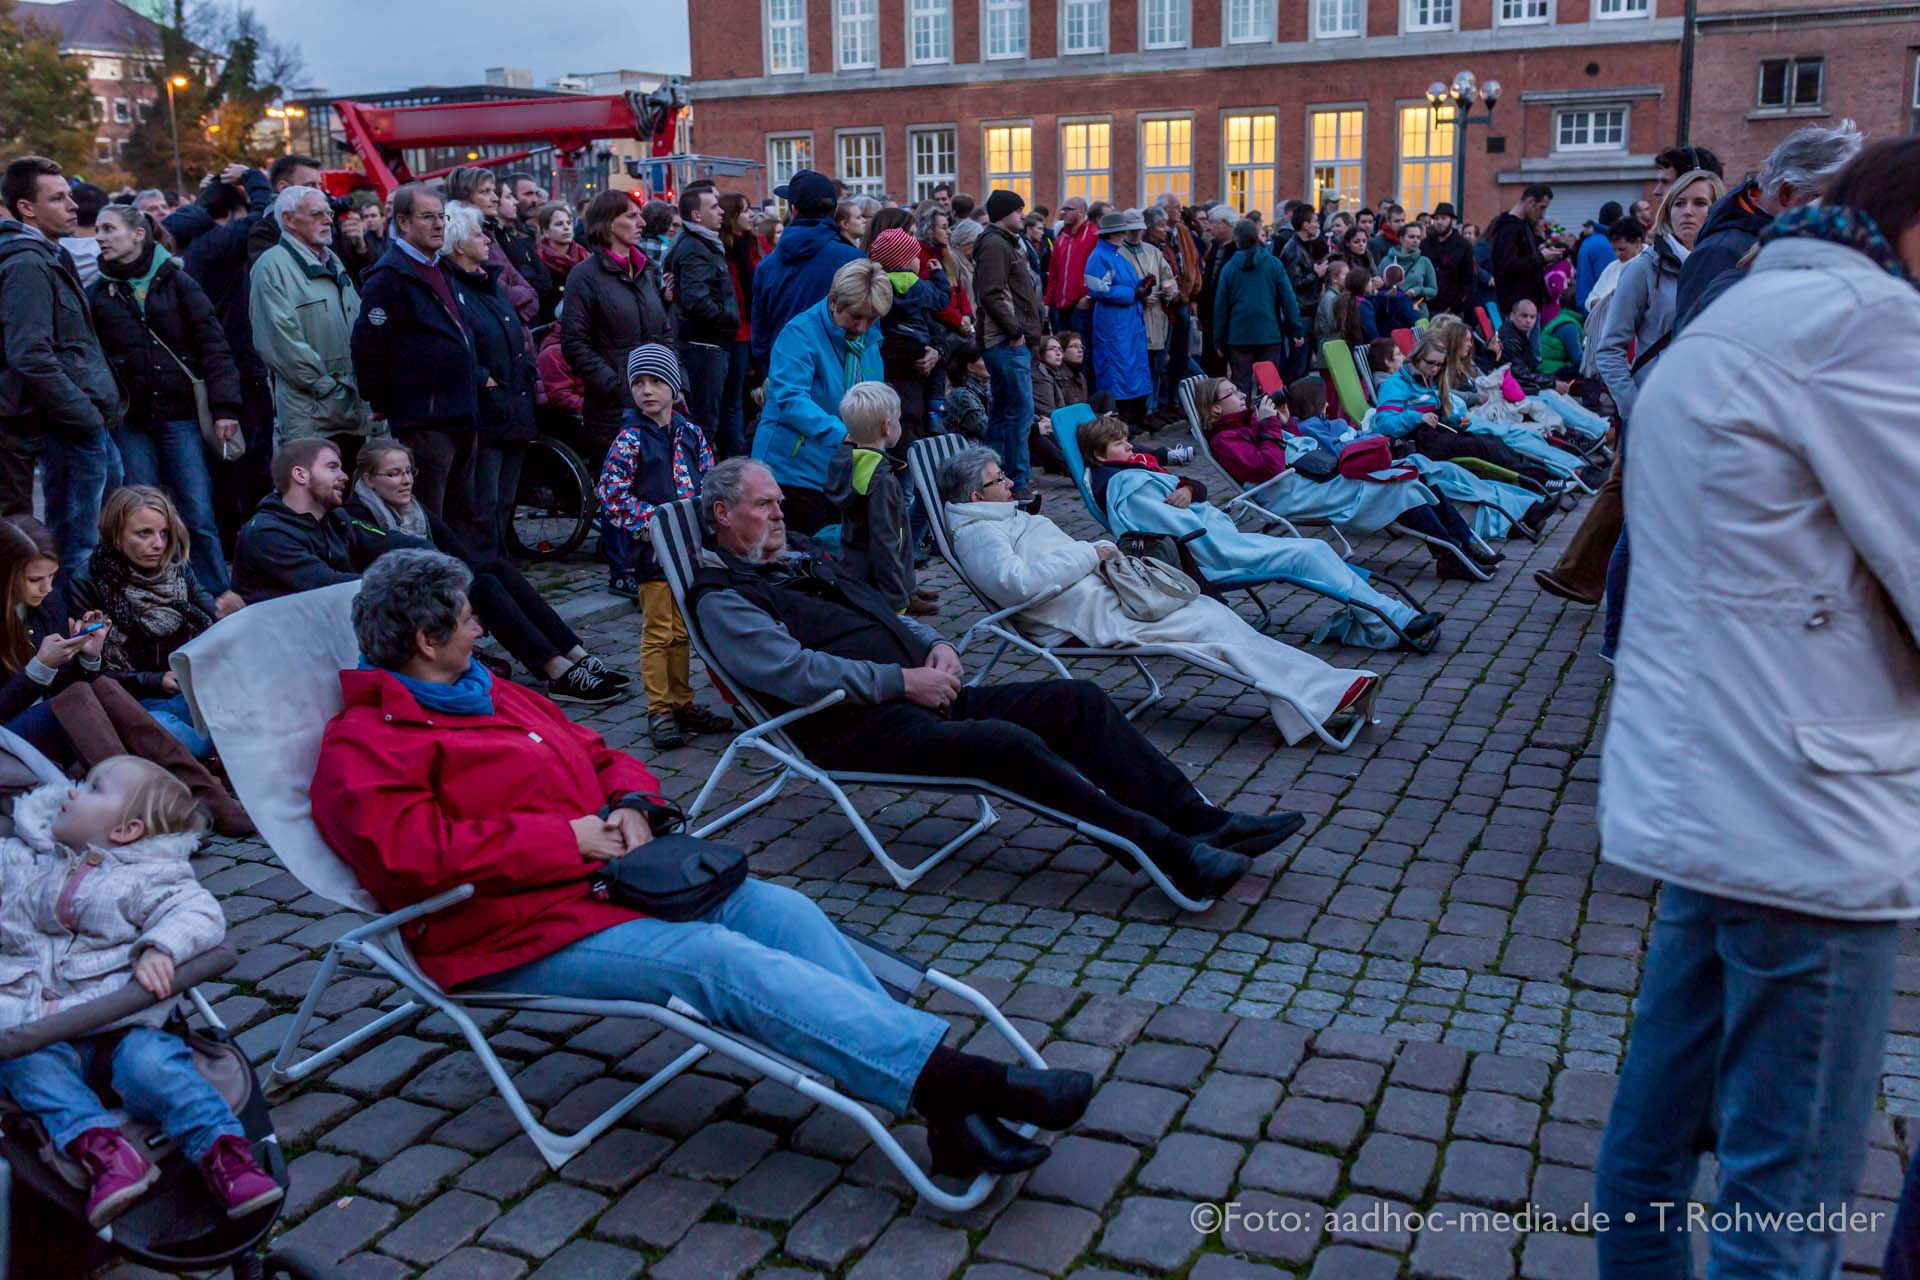 Nach Berlin und vielen anderen Metropolen gibt es das Festival of Lights jetzt auch in Kiel. Das Besondere - die Maritimen Motive! ©Foto: Thomas Rohwedder - Momentalist - aadhoc-media.de